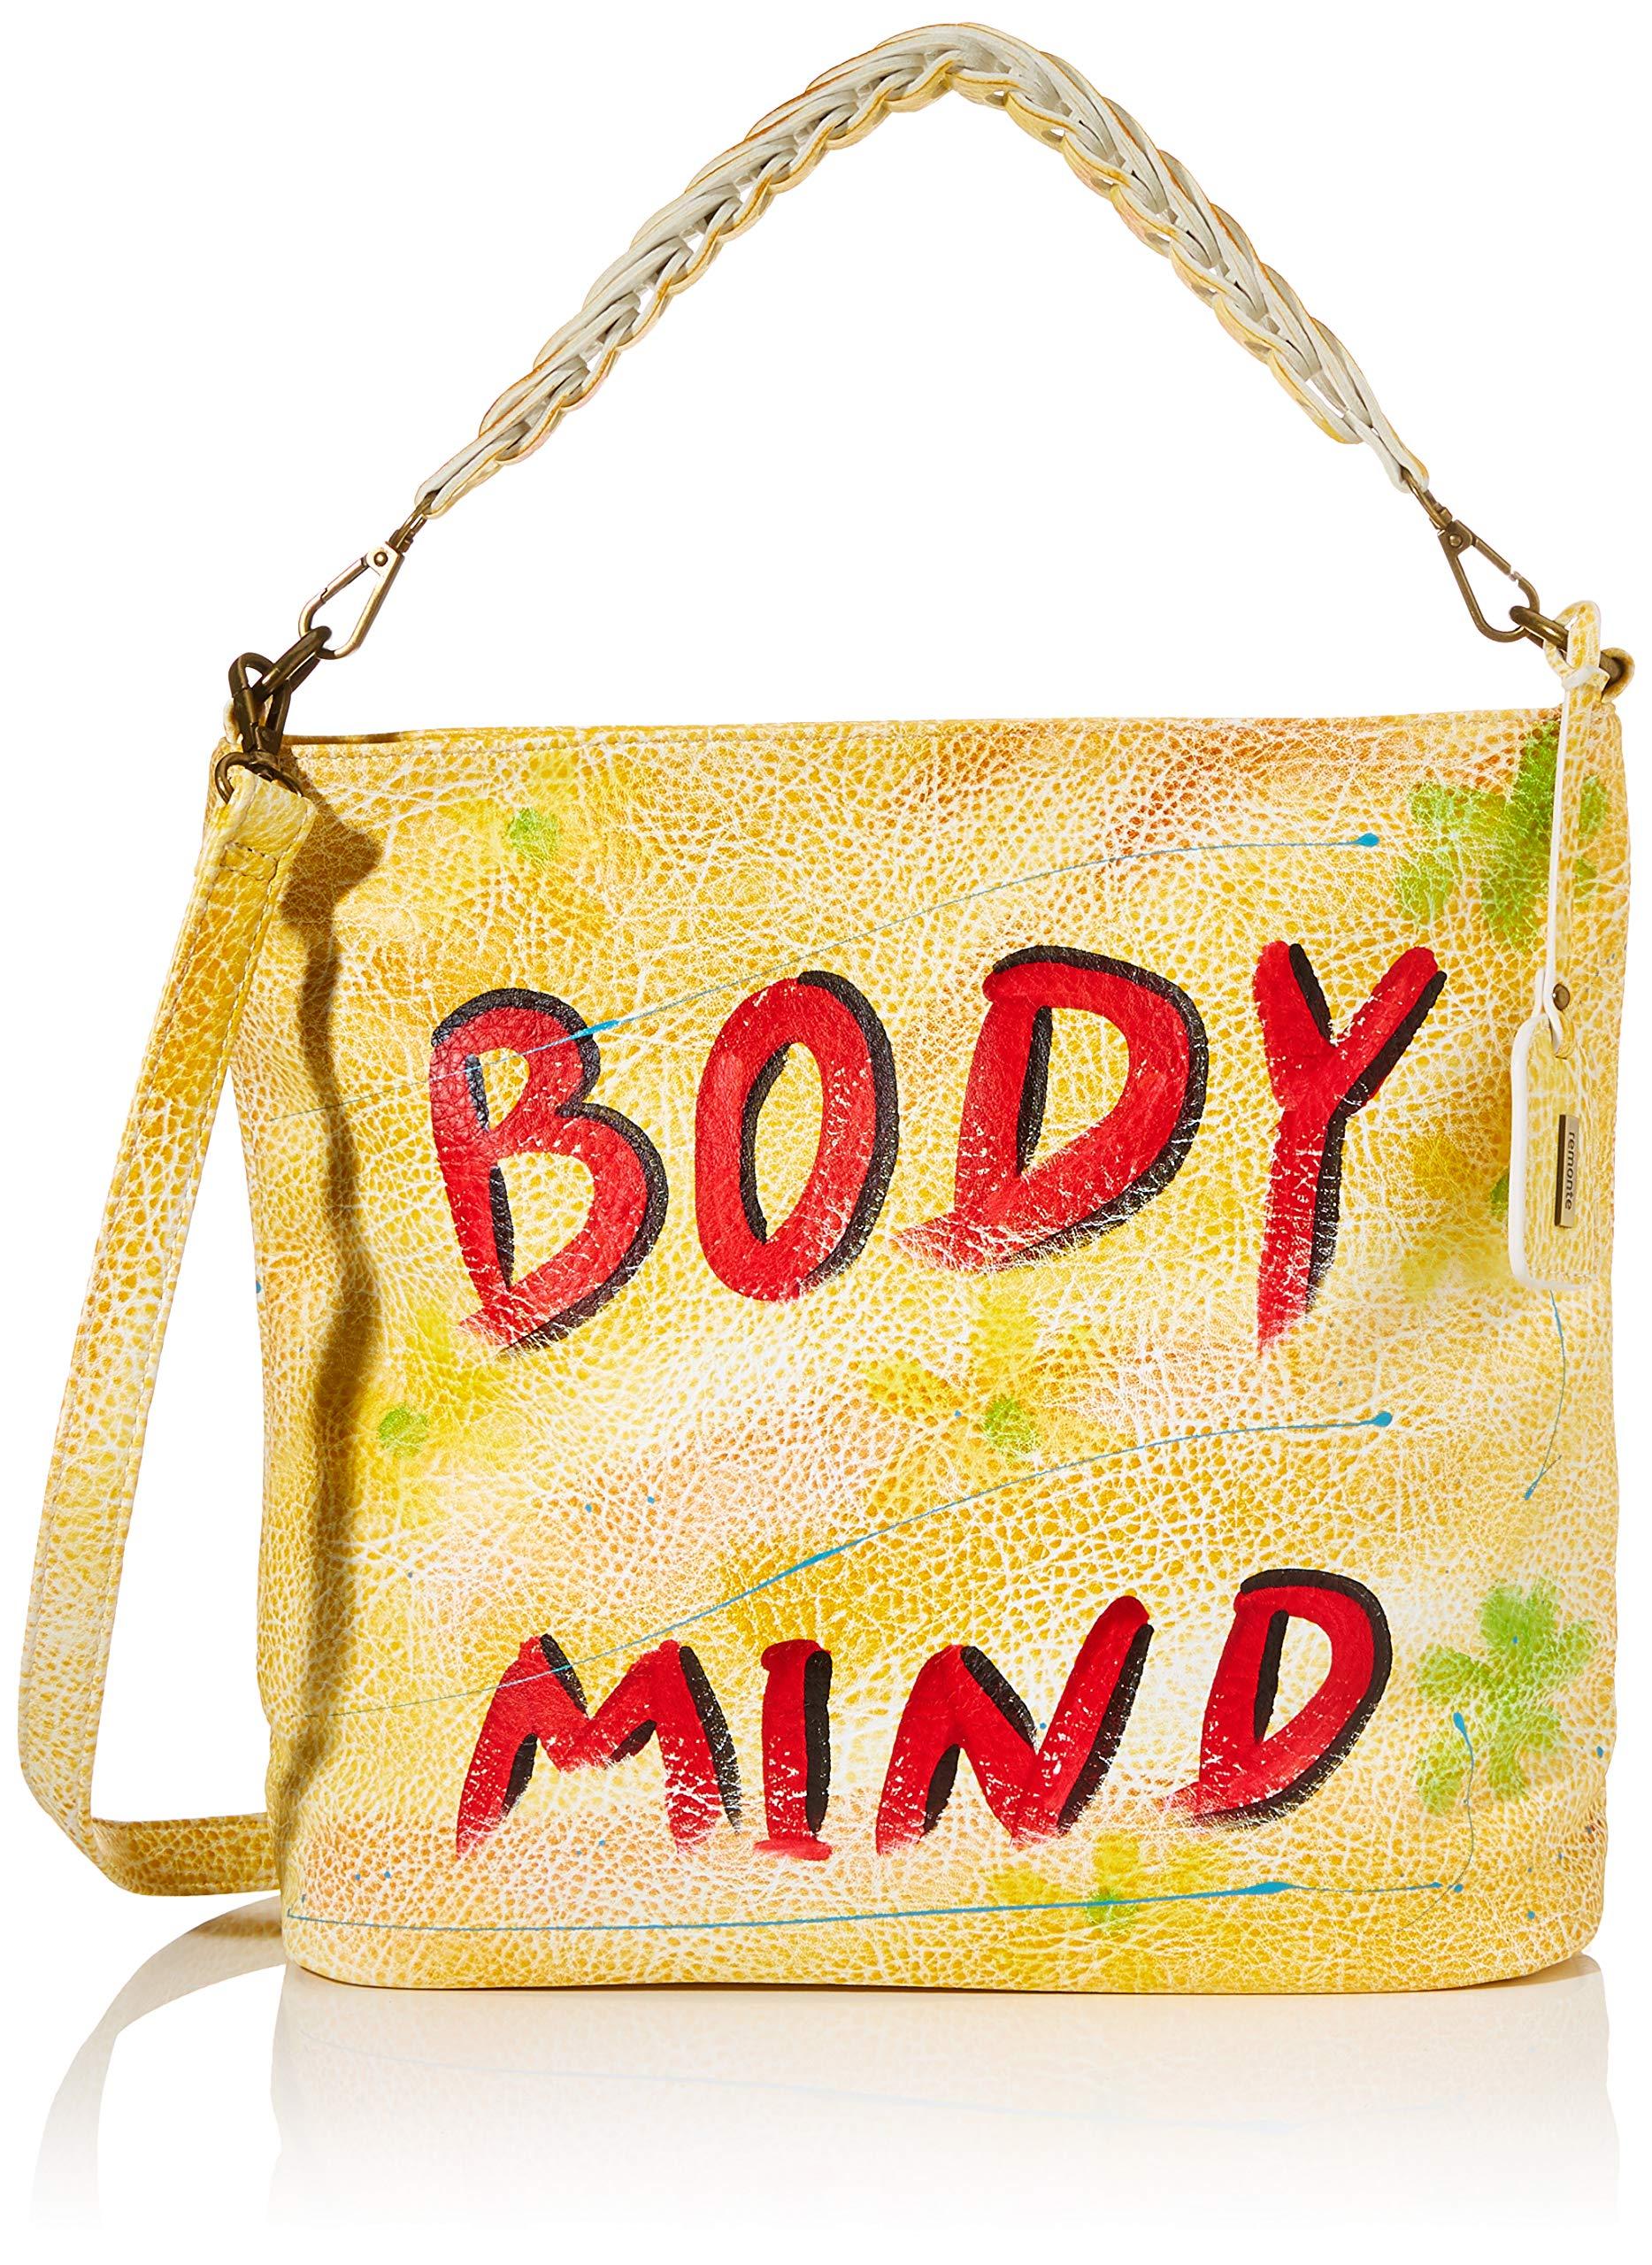 Remonte Handtaschen Taschen Q0657-68 Gelb v6ubm